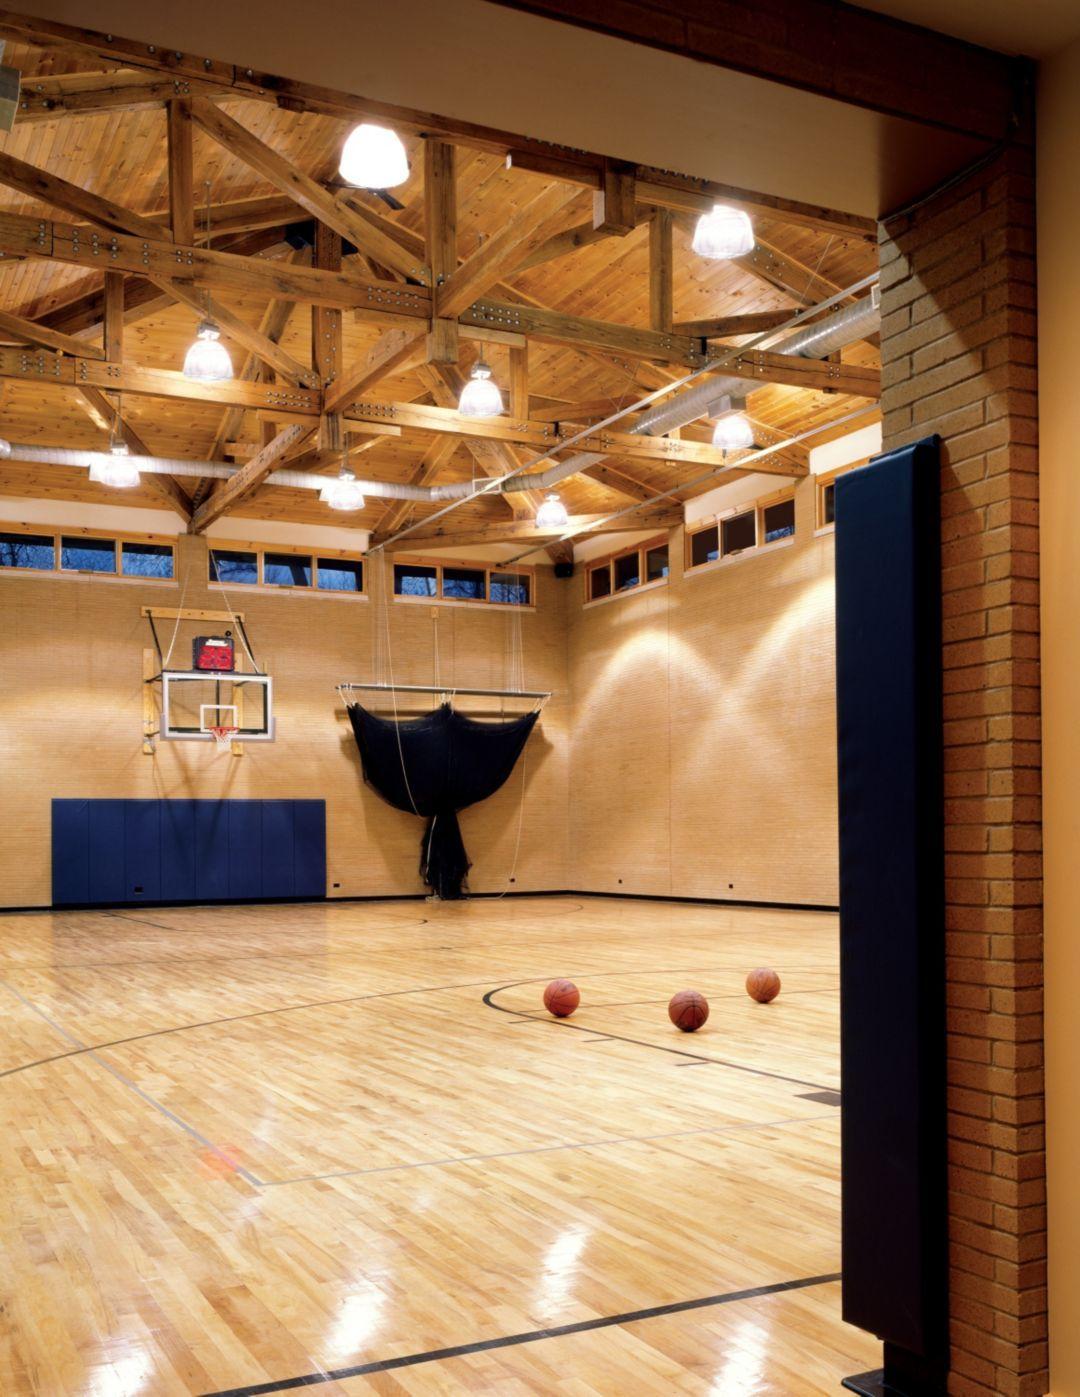 Contemporary Home Basketball Court Home Basketball Court Basketball Room Basketball Court